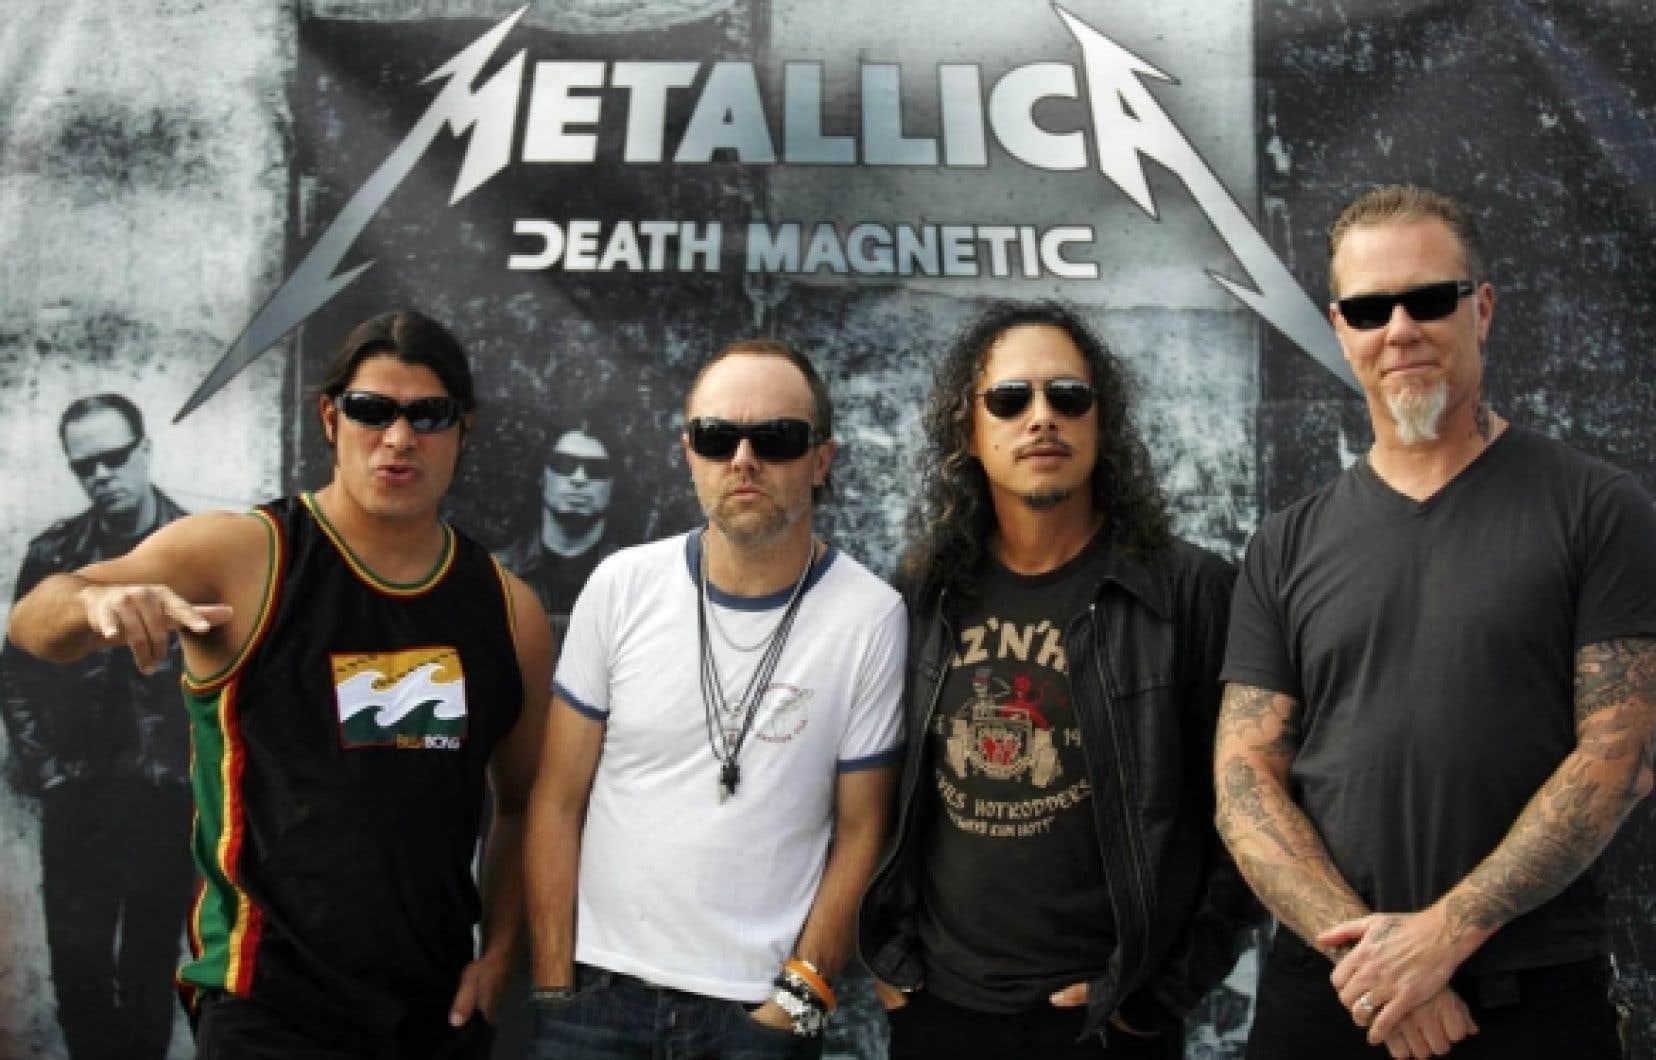 Le catalogue de Warner comprend notamment le groupe Metallica.